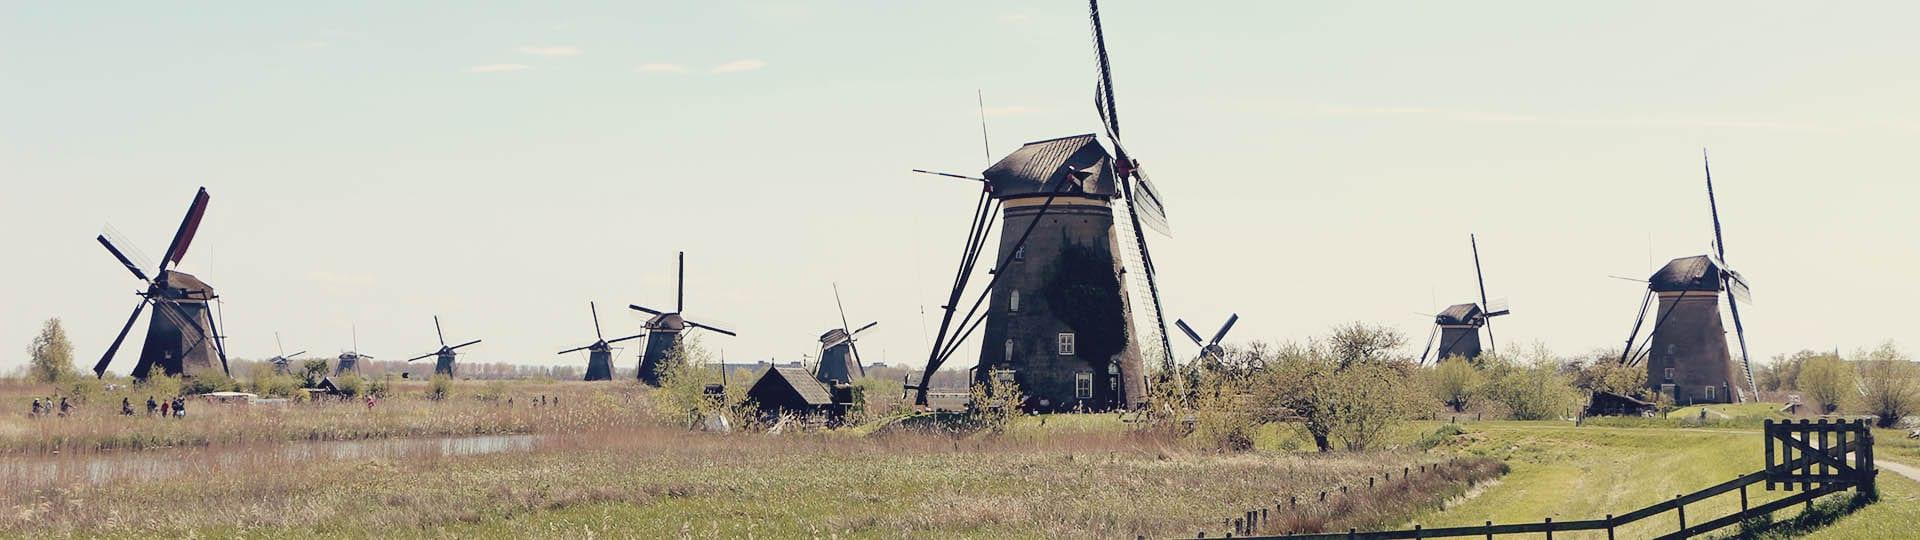 Como chegar em Kinderdijk - os primeiros moinhos da Holanda - 12